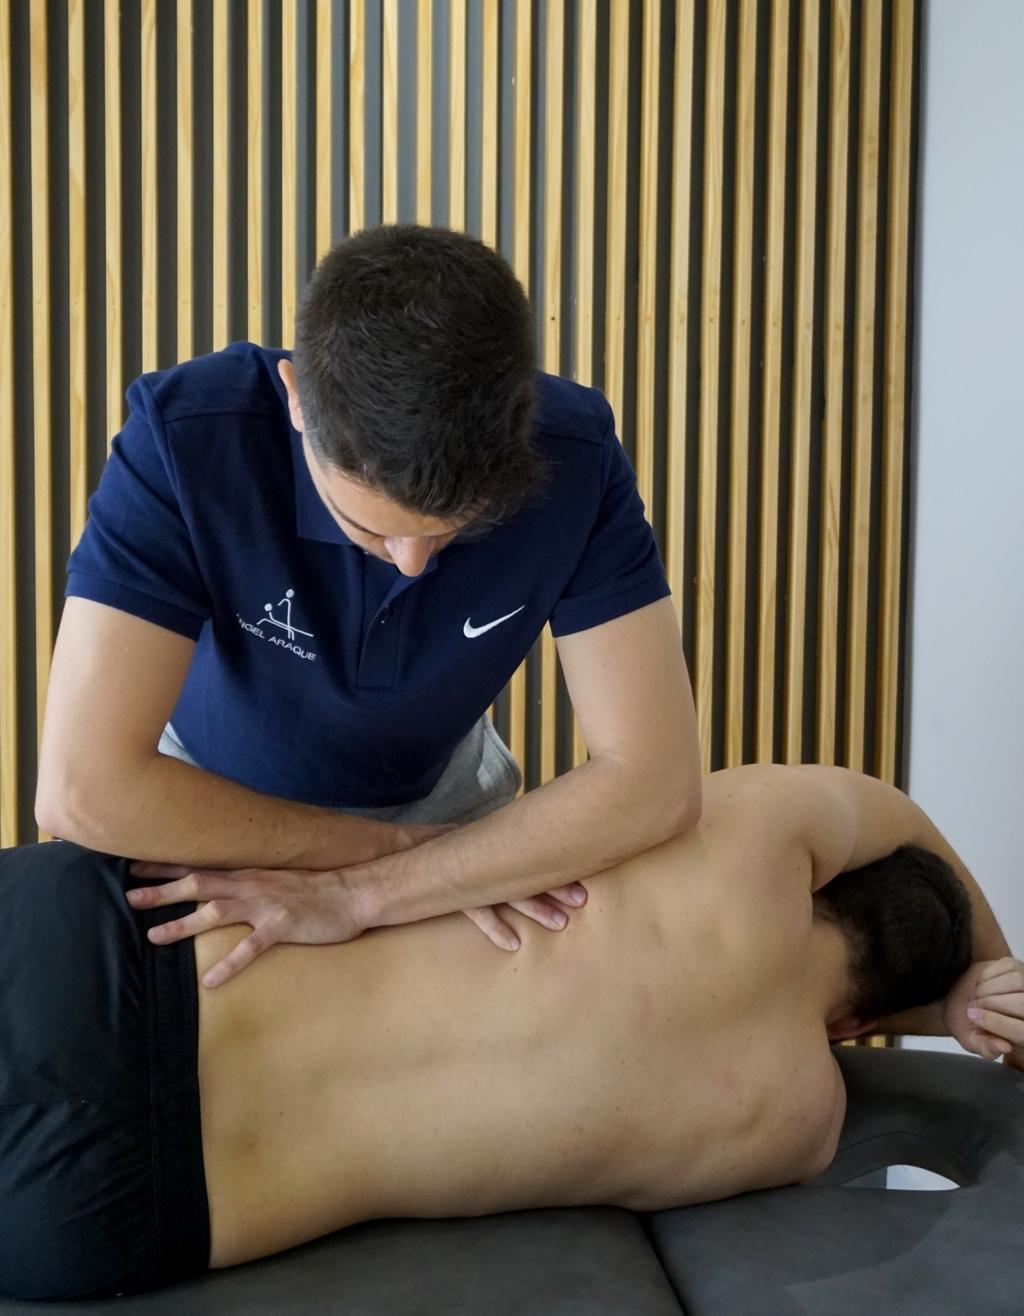 la-lumbalgia-fisioterapeuta-barrio-tres-olivos